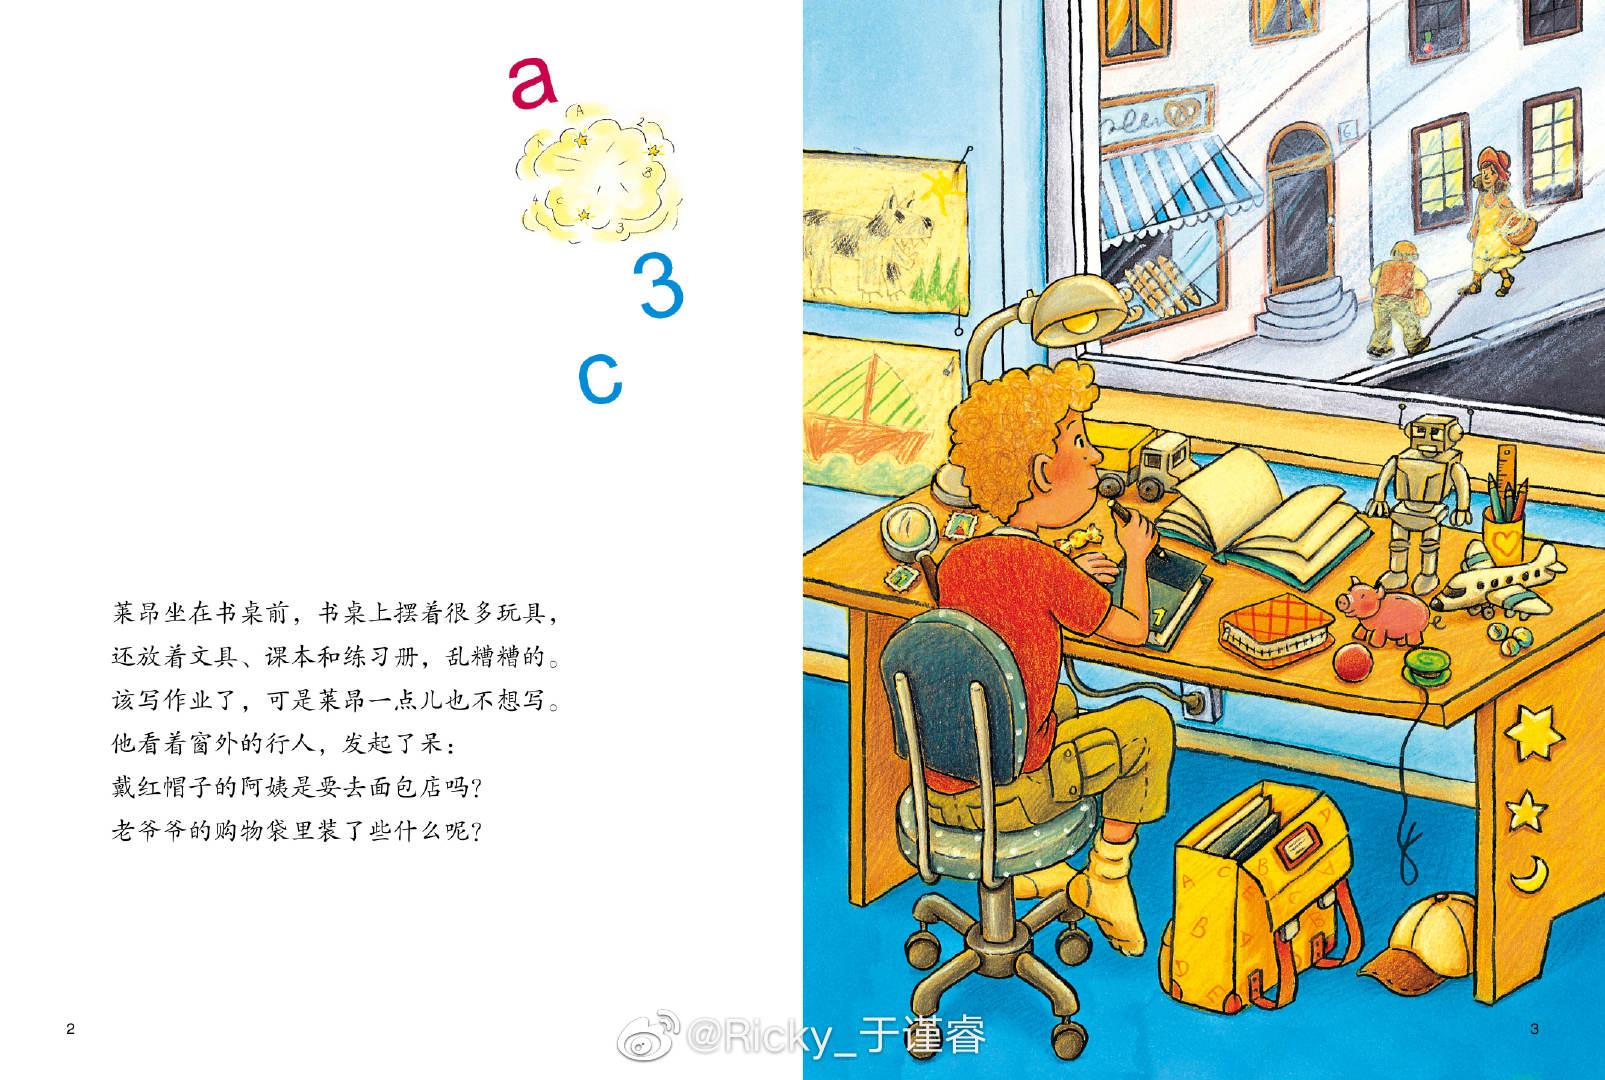 孩子做作业慢慢吞吞,考试粗心大意